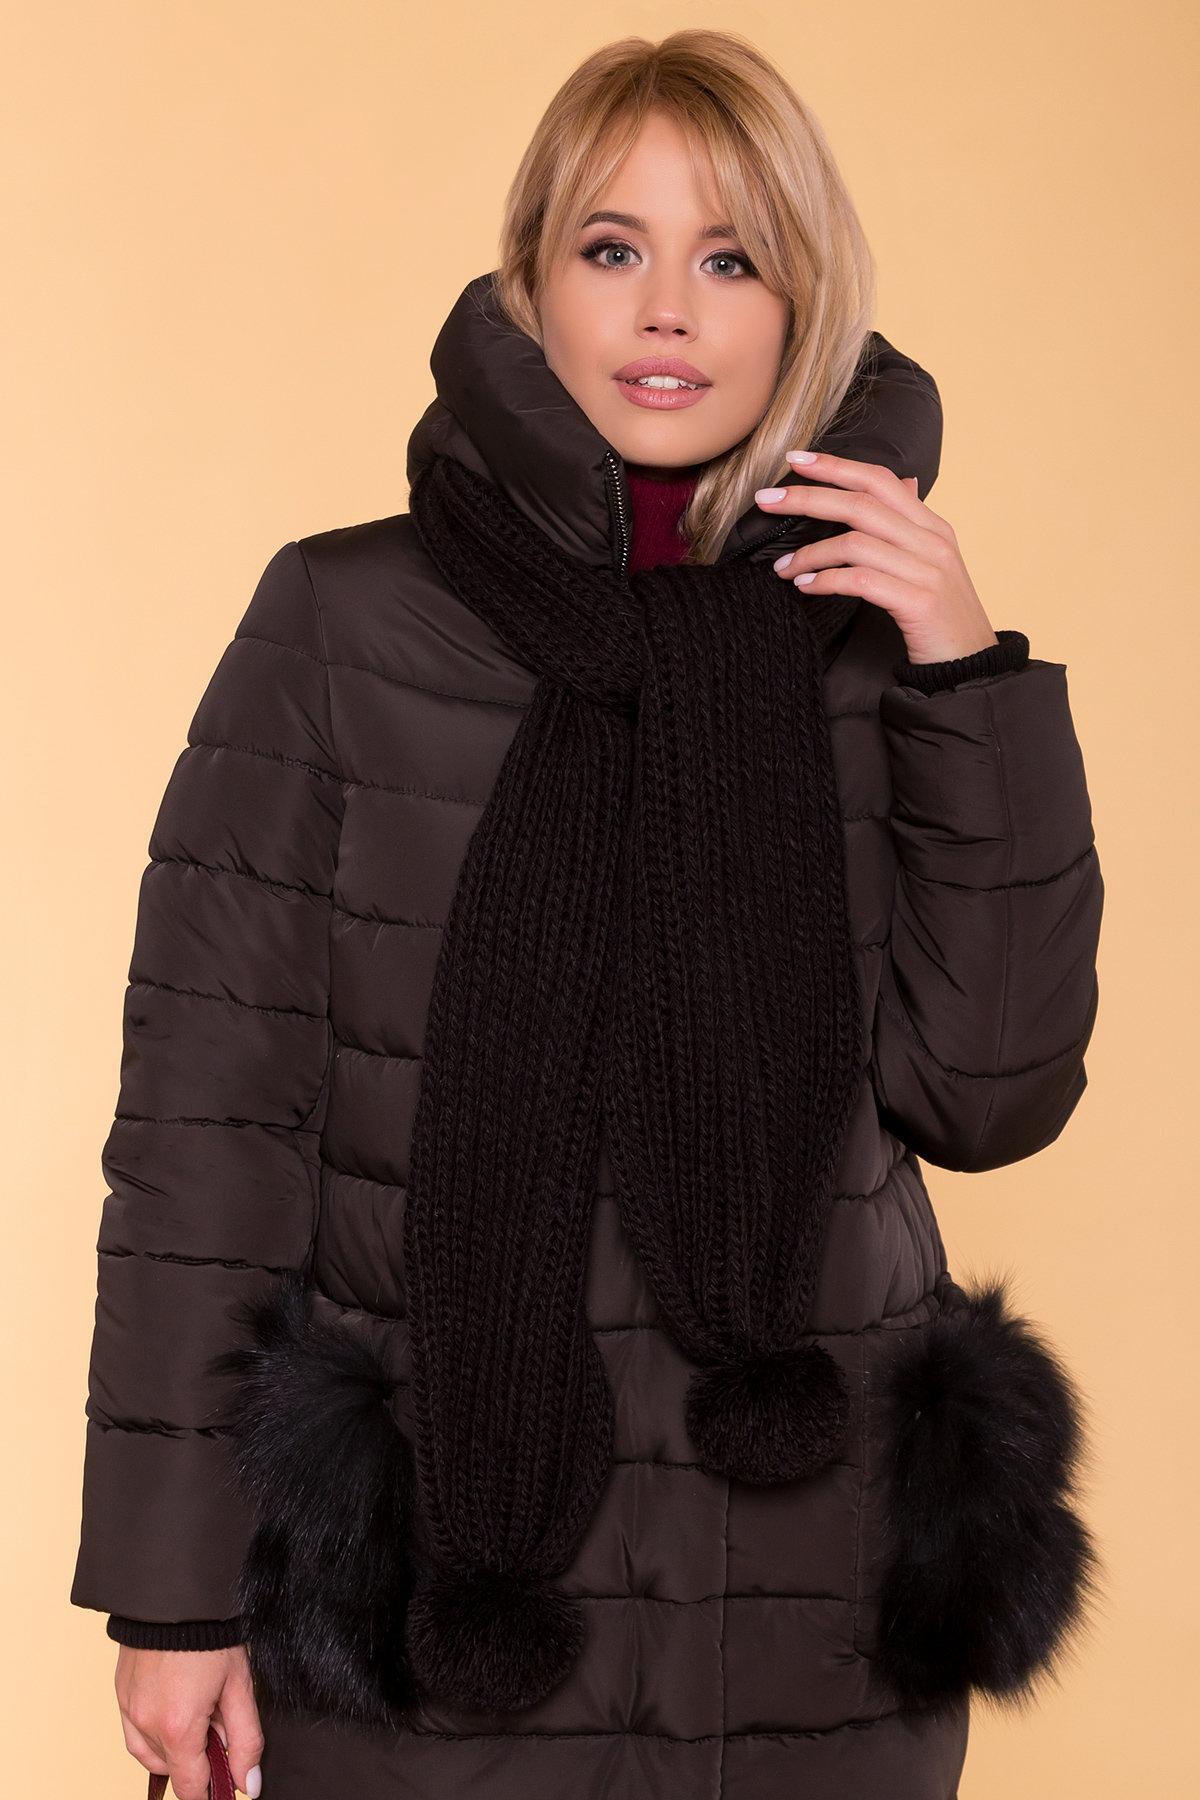 Зимний пуховик прямого кроя Лили Канада 8363 АРТ. 44551 Цвет: Черный - фото 5, интернет магазин tm-modus.ru